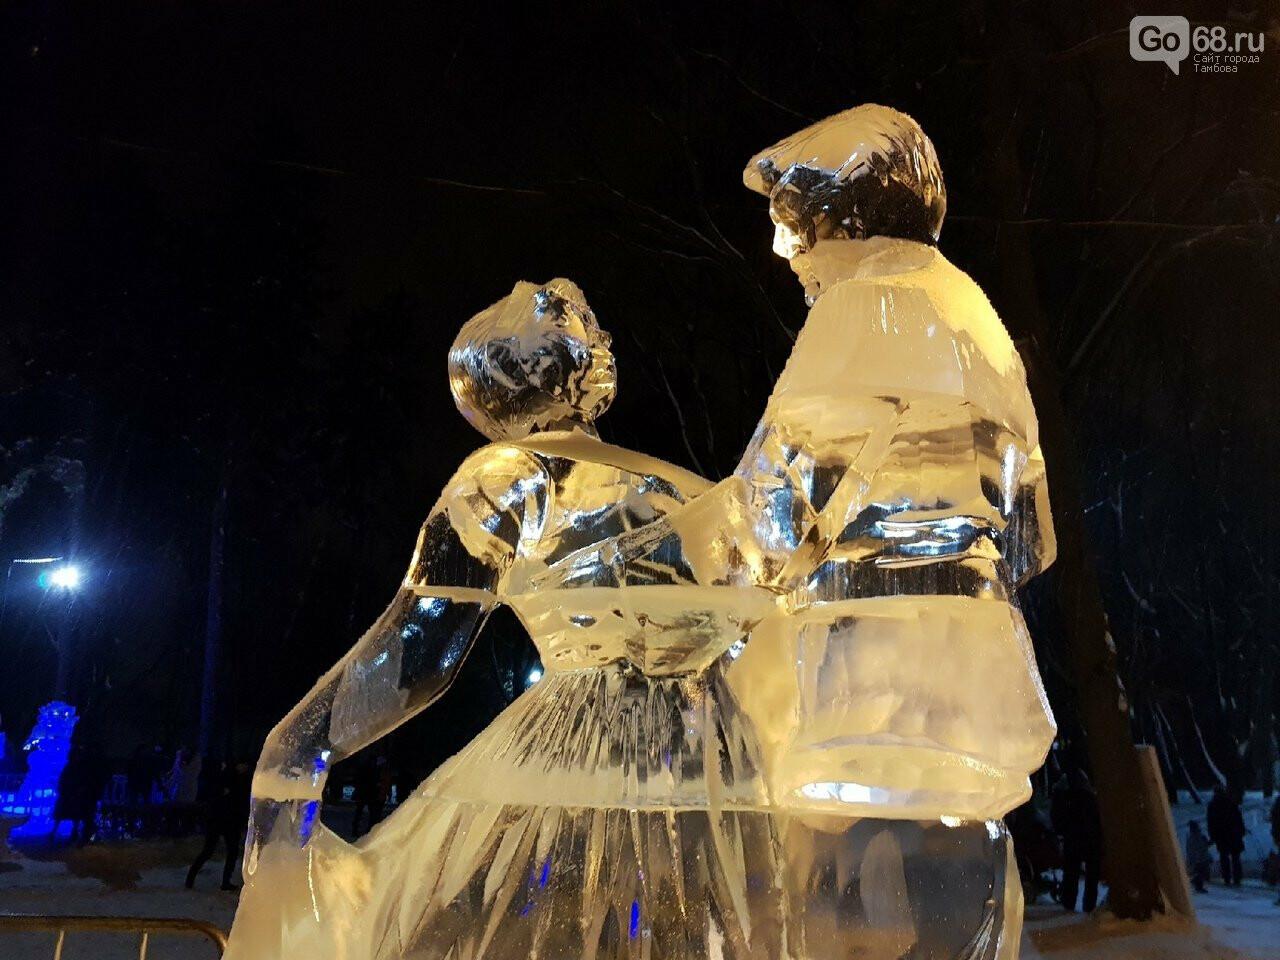 Бал-маскарад, фокусы и катание на коньках – Усадьба Асеевых в Тамбове готовится к новогодним праздникам, фото-1